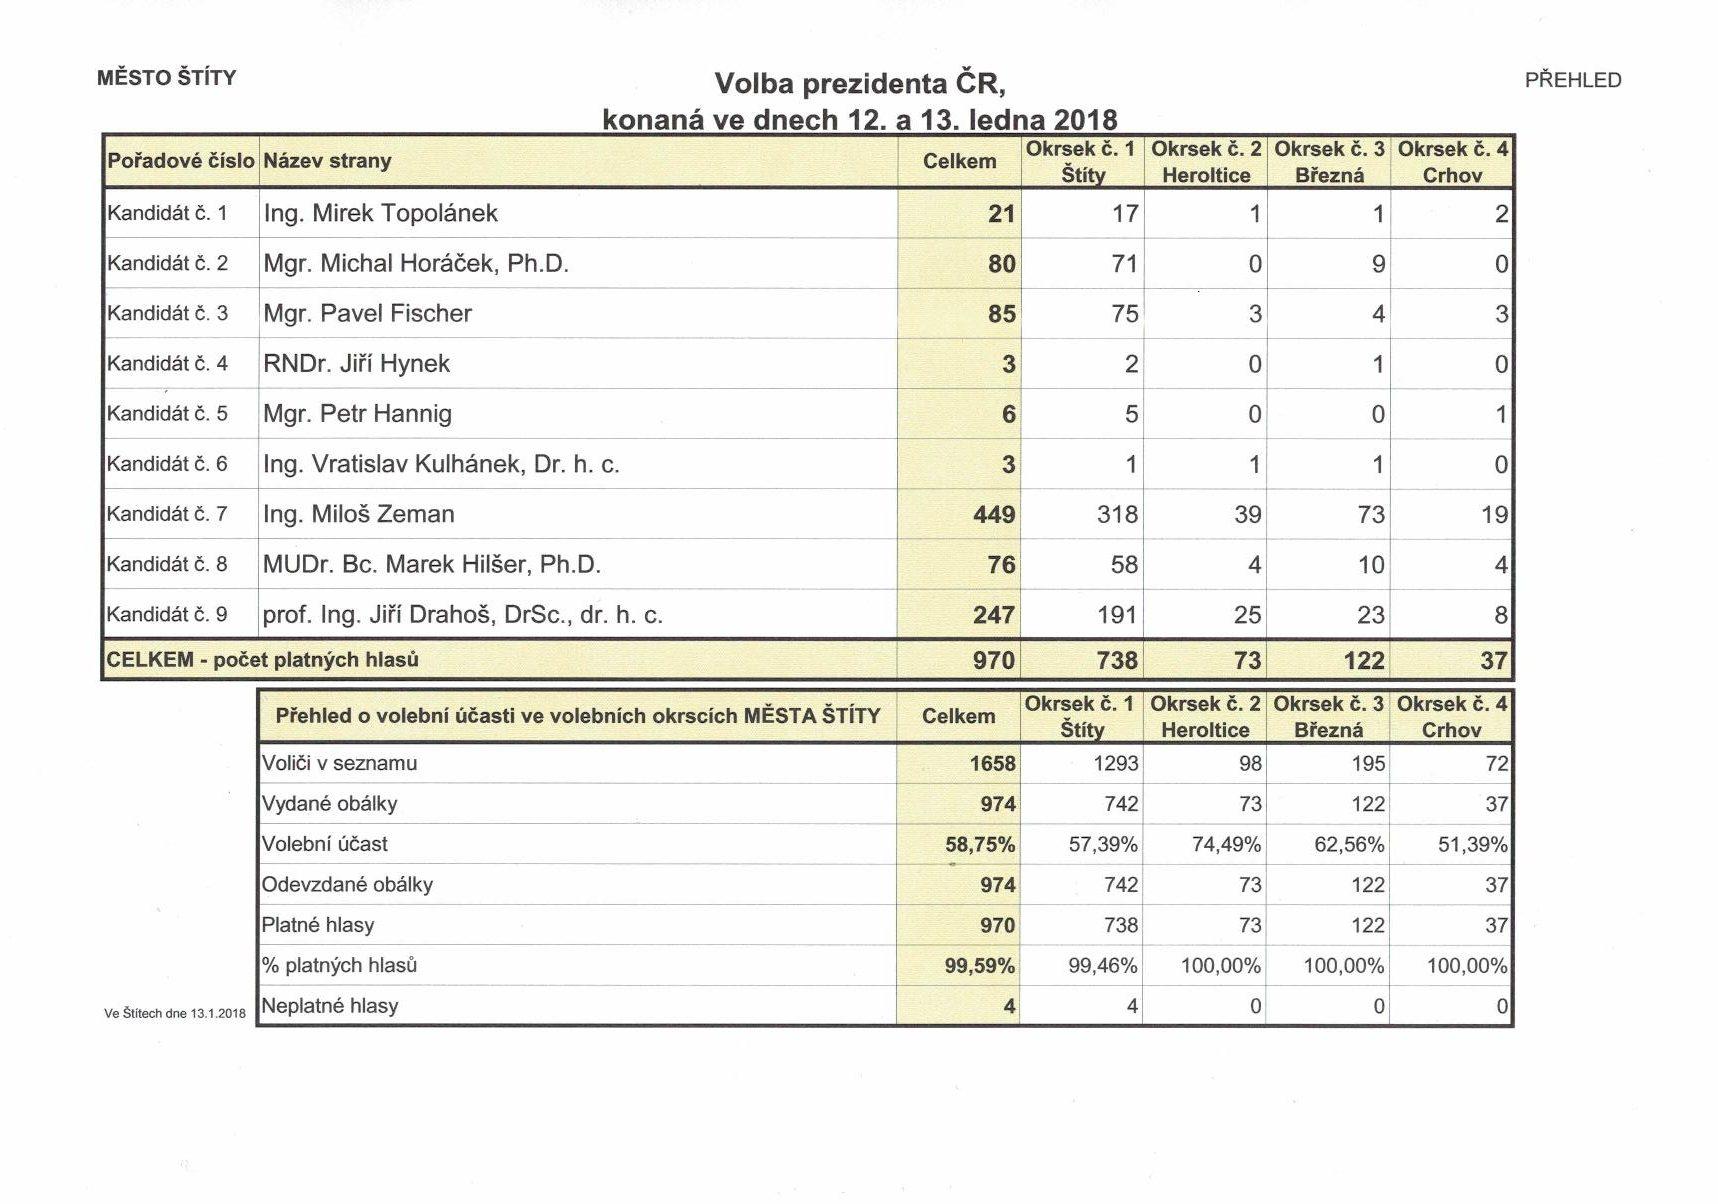 Výsledky voleb prezidenta republiky - I. kolo